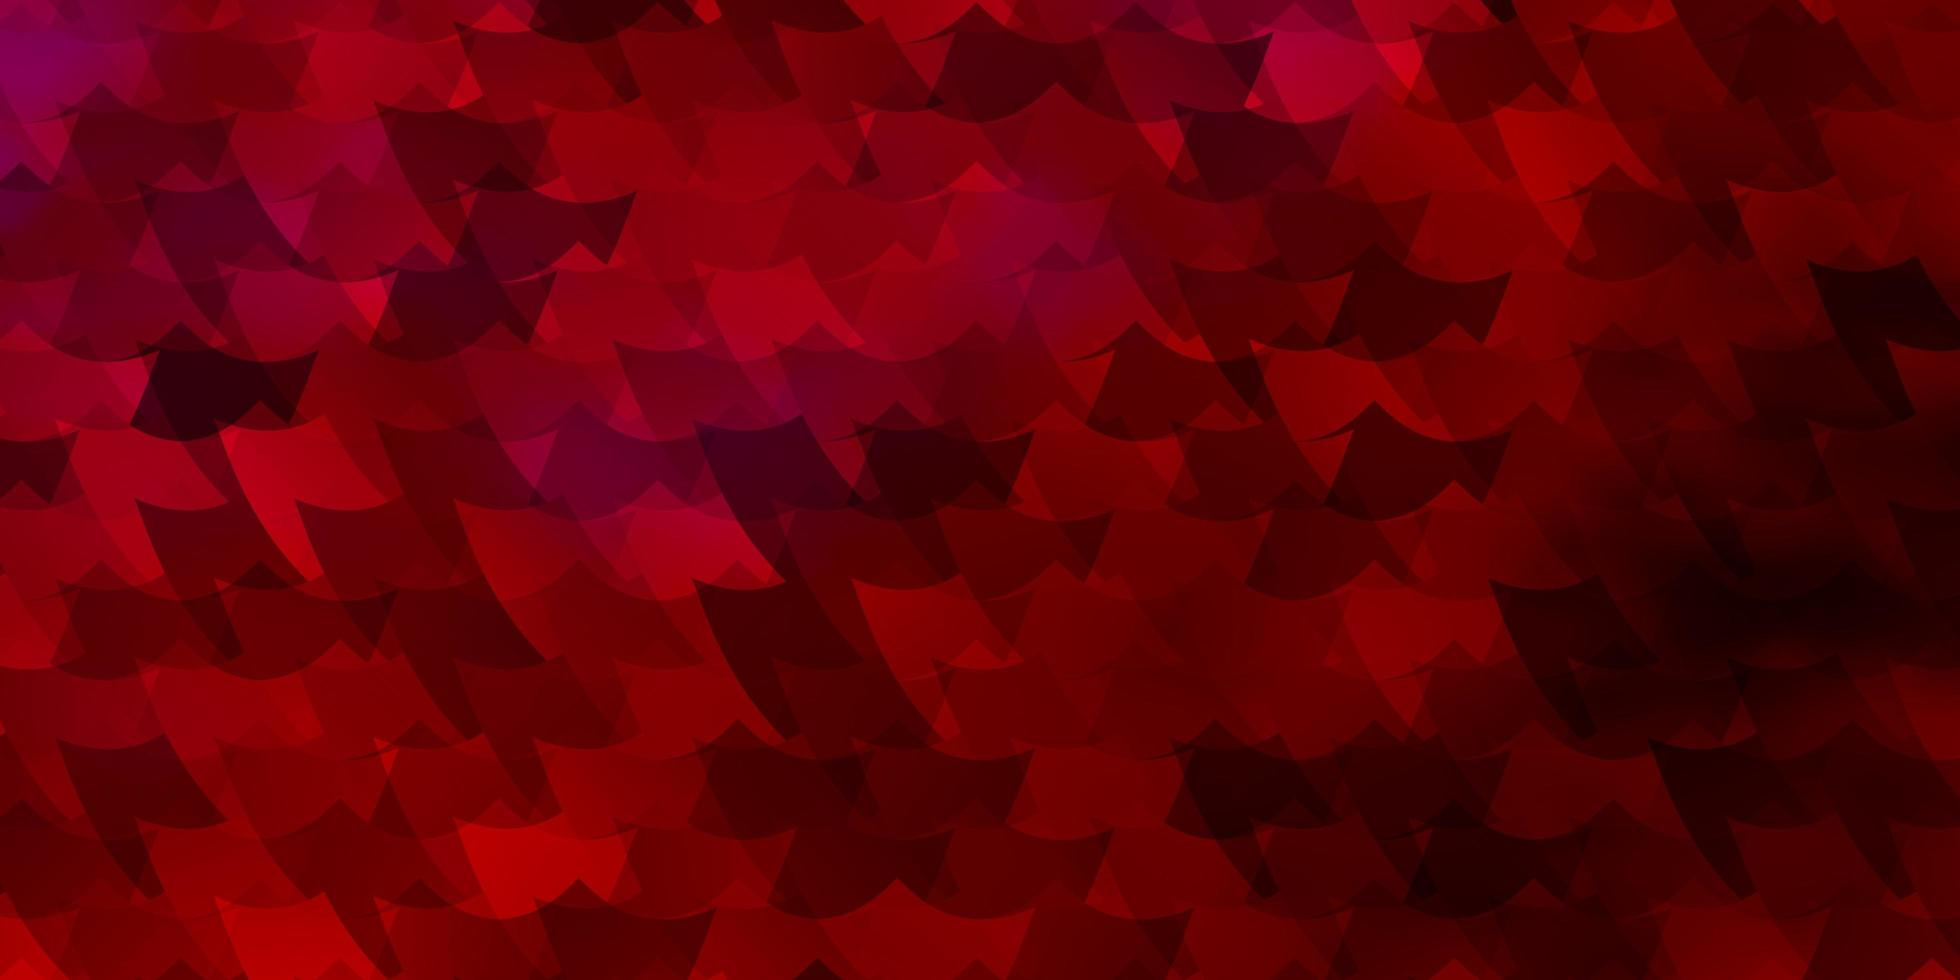 trama rossa in stile rettangolare. vettore